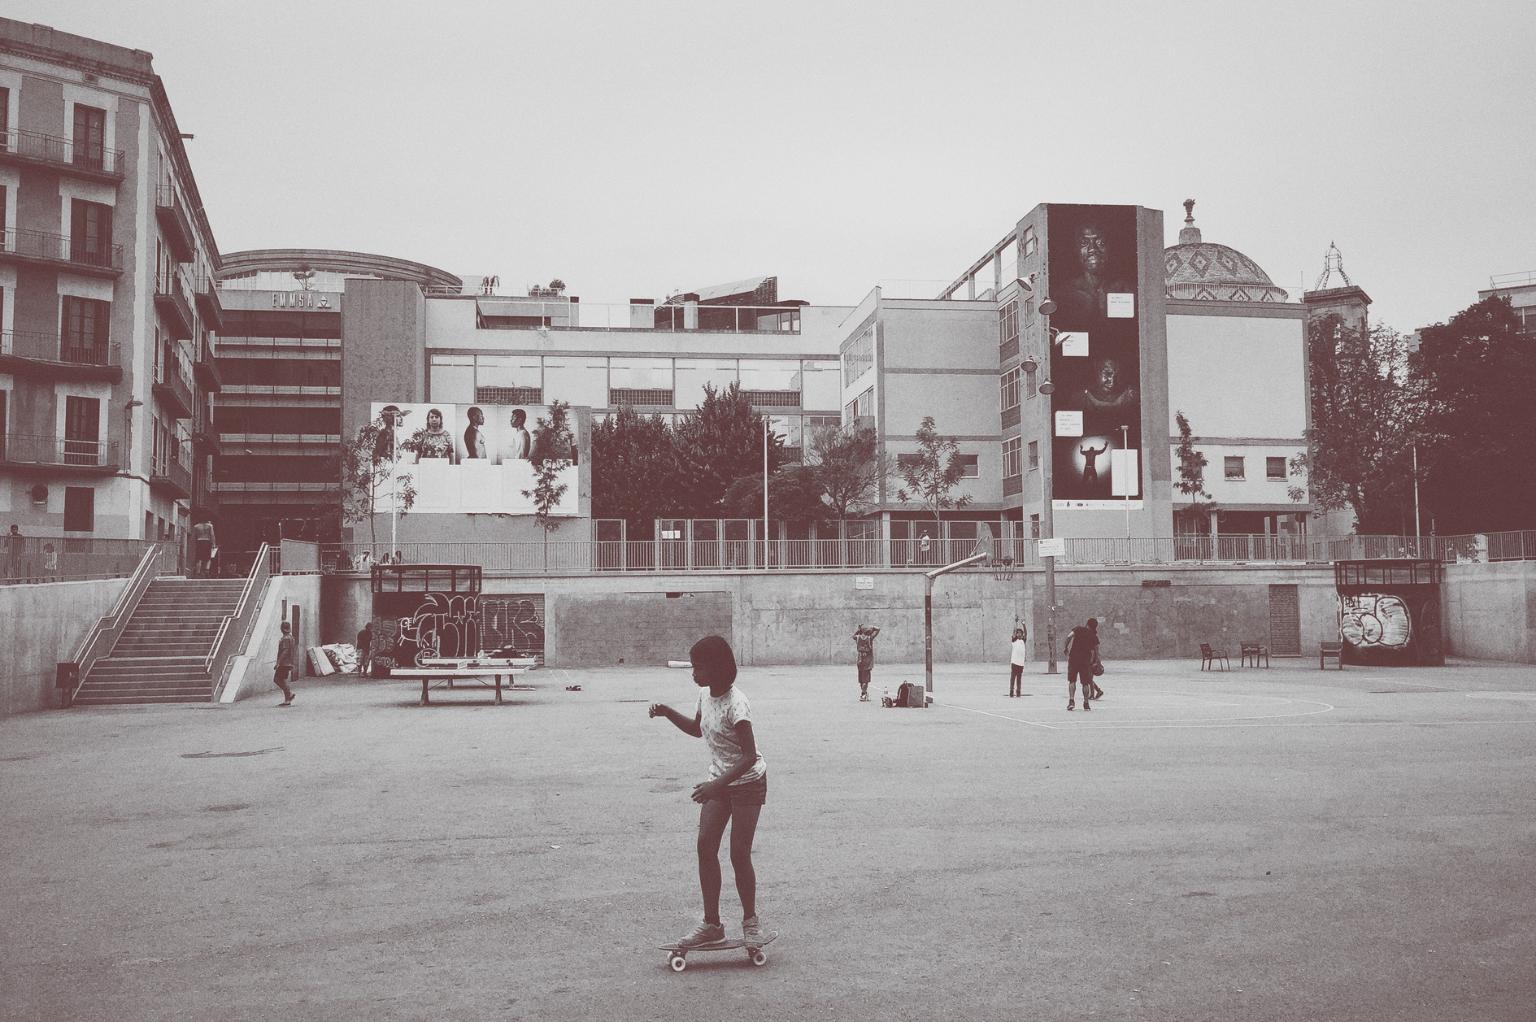 Educare con e nella città: scuole e community hub